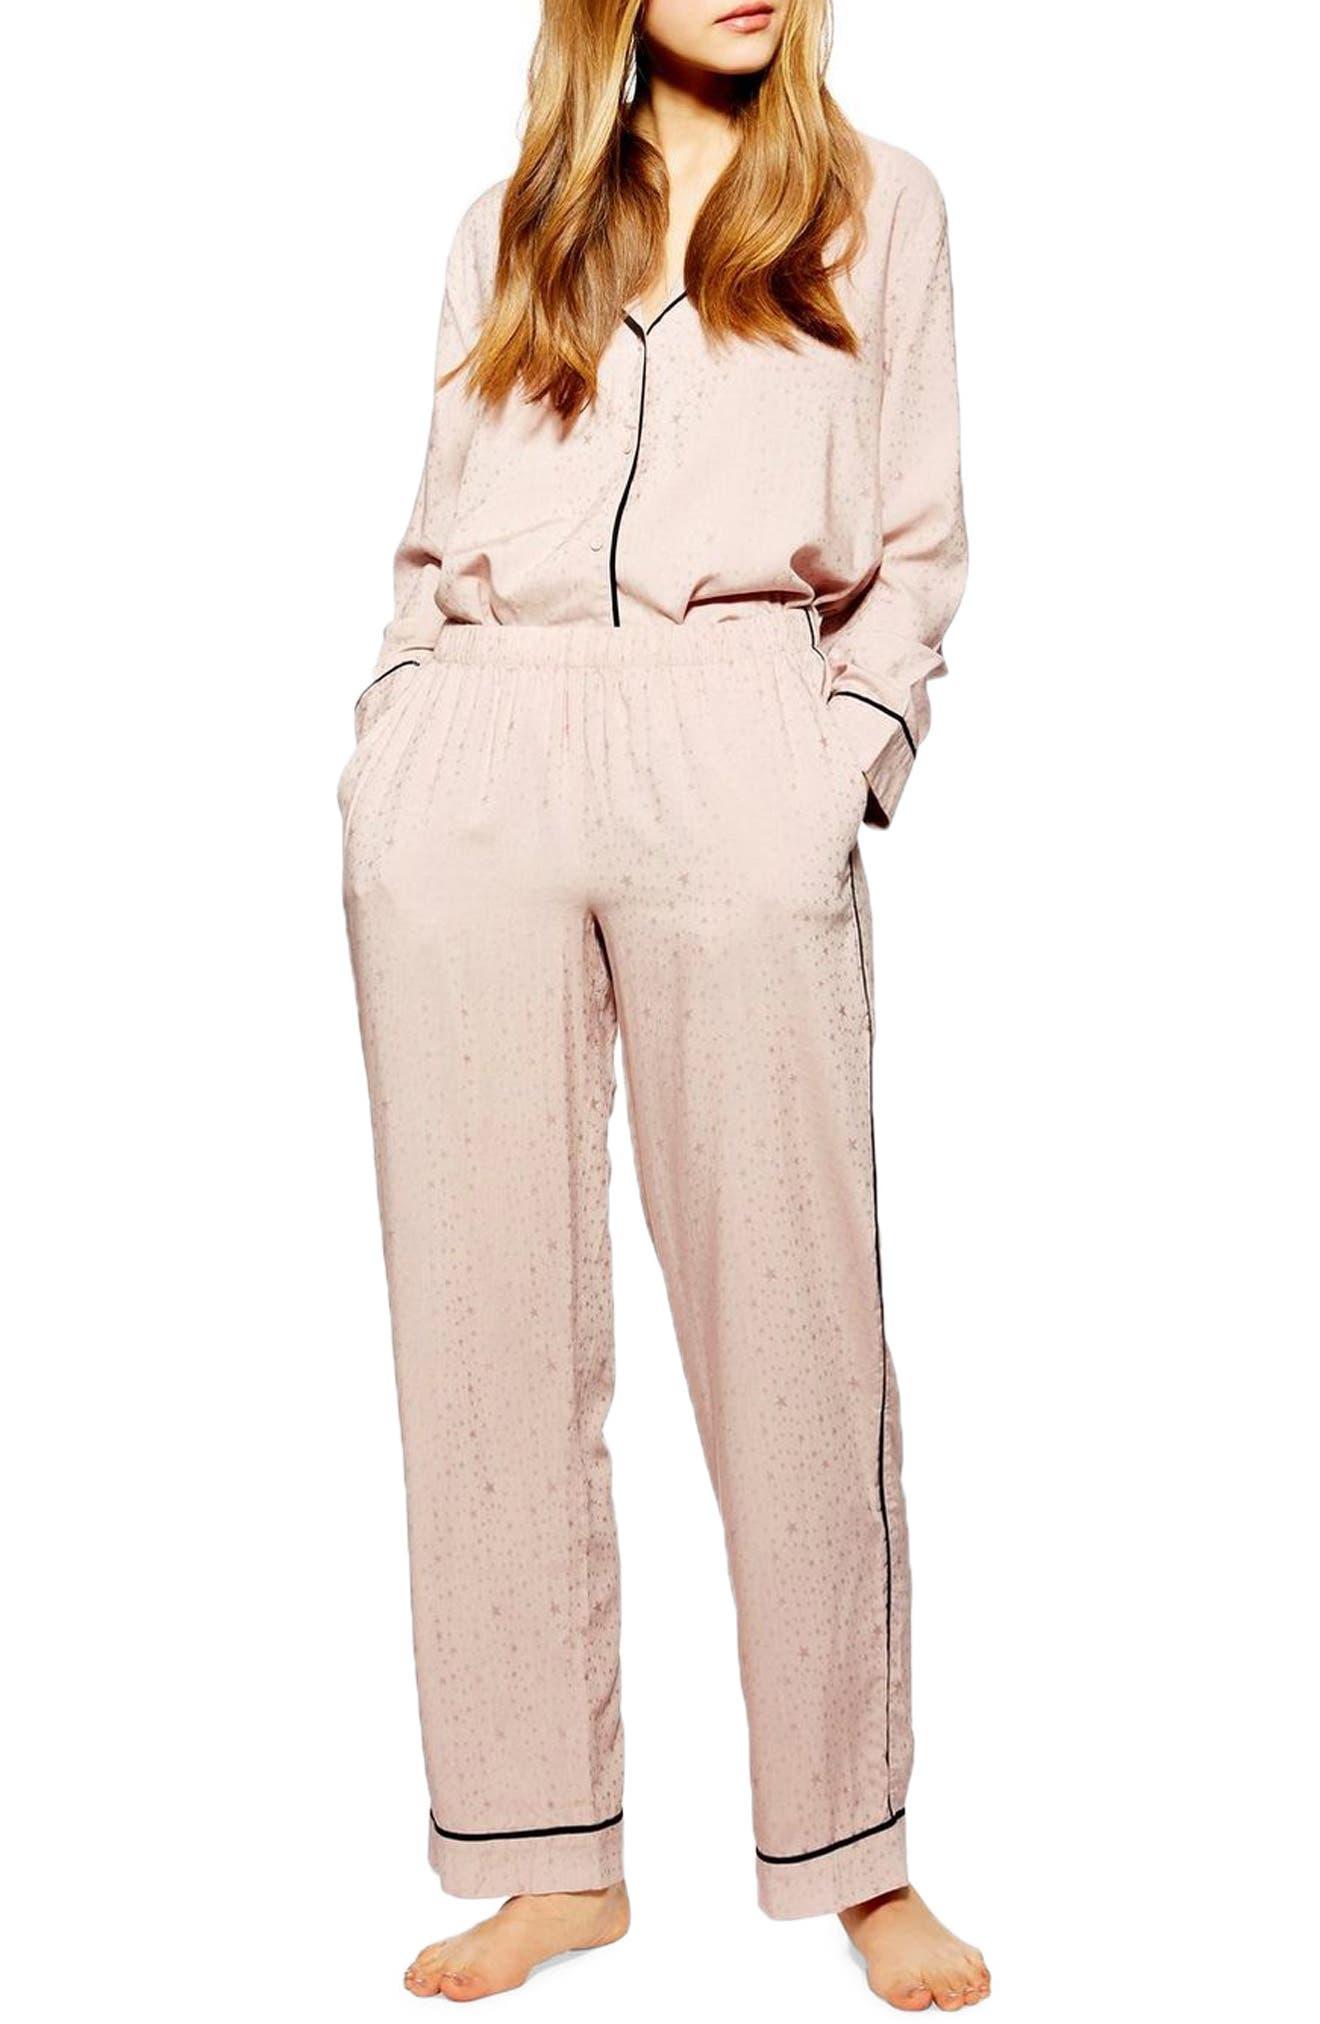 Star Jacquard Pajama Pants, Main, color, NUDE MULTI